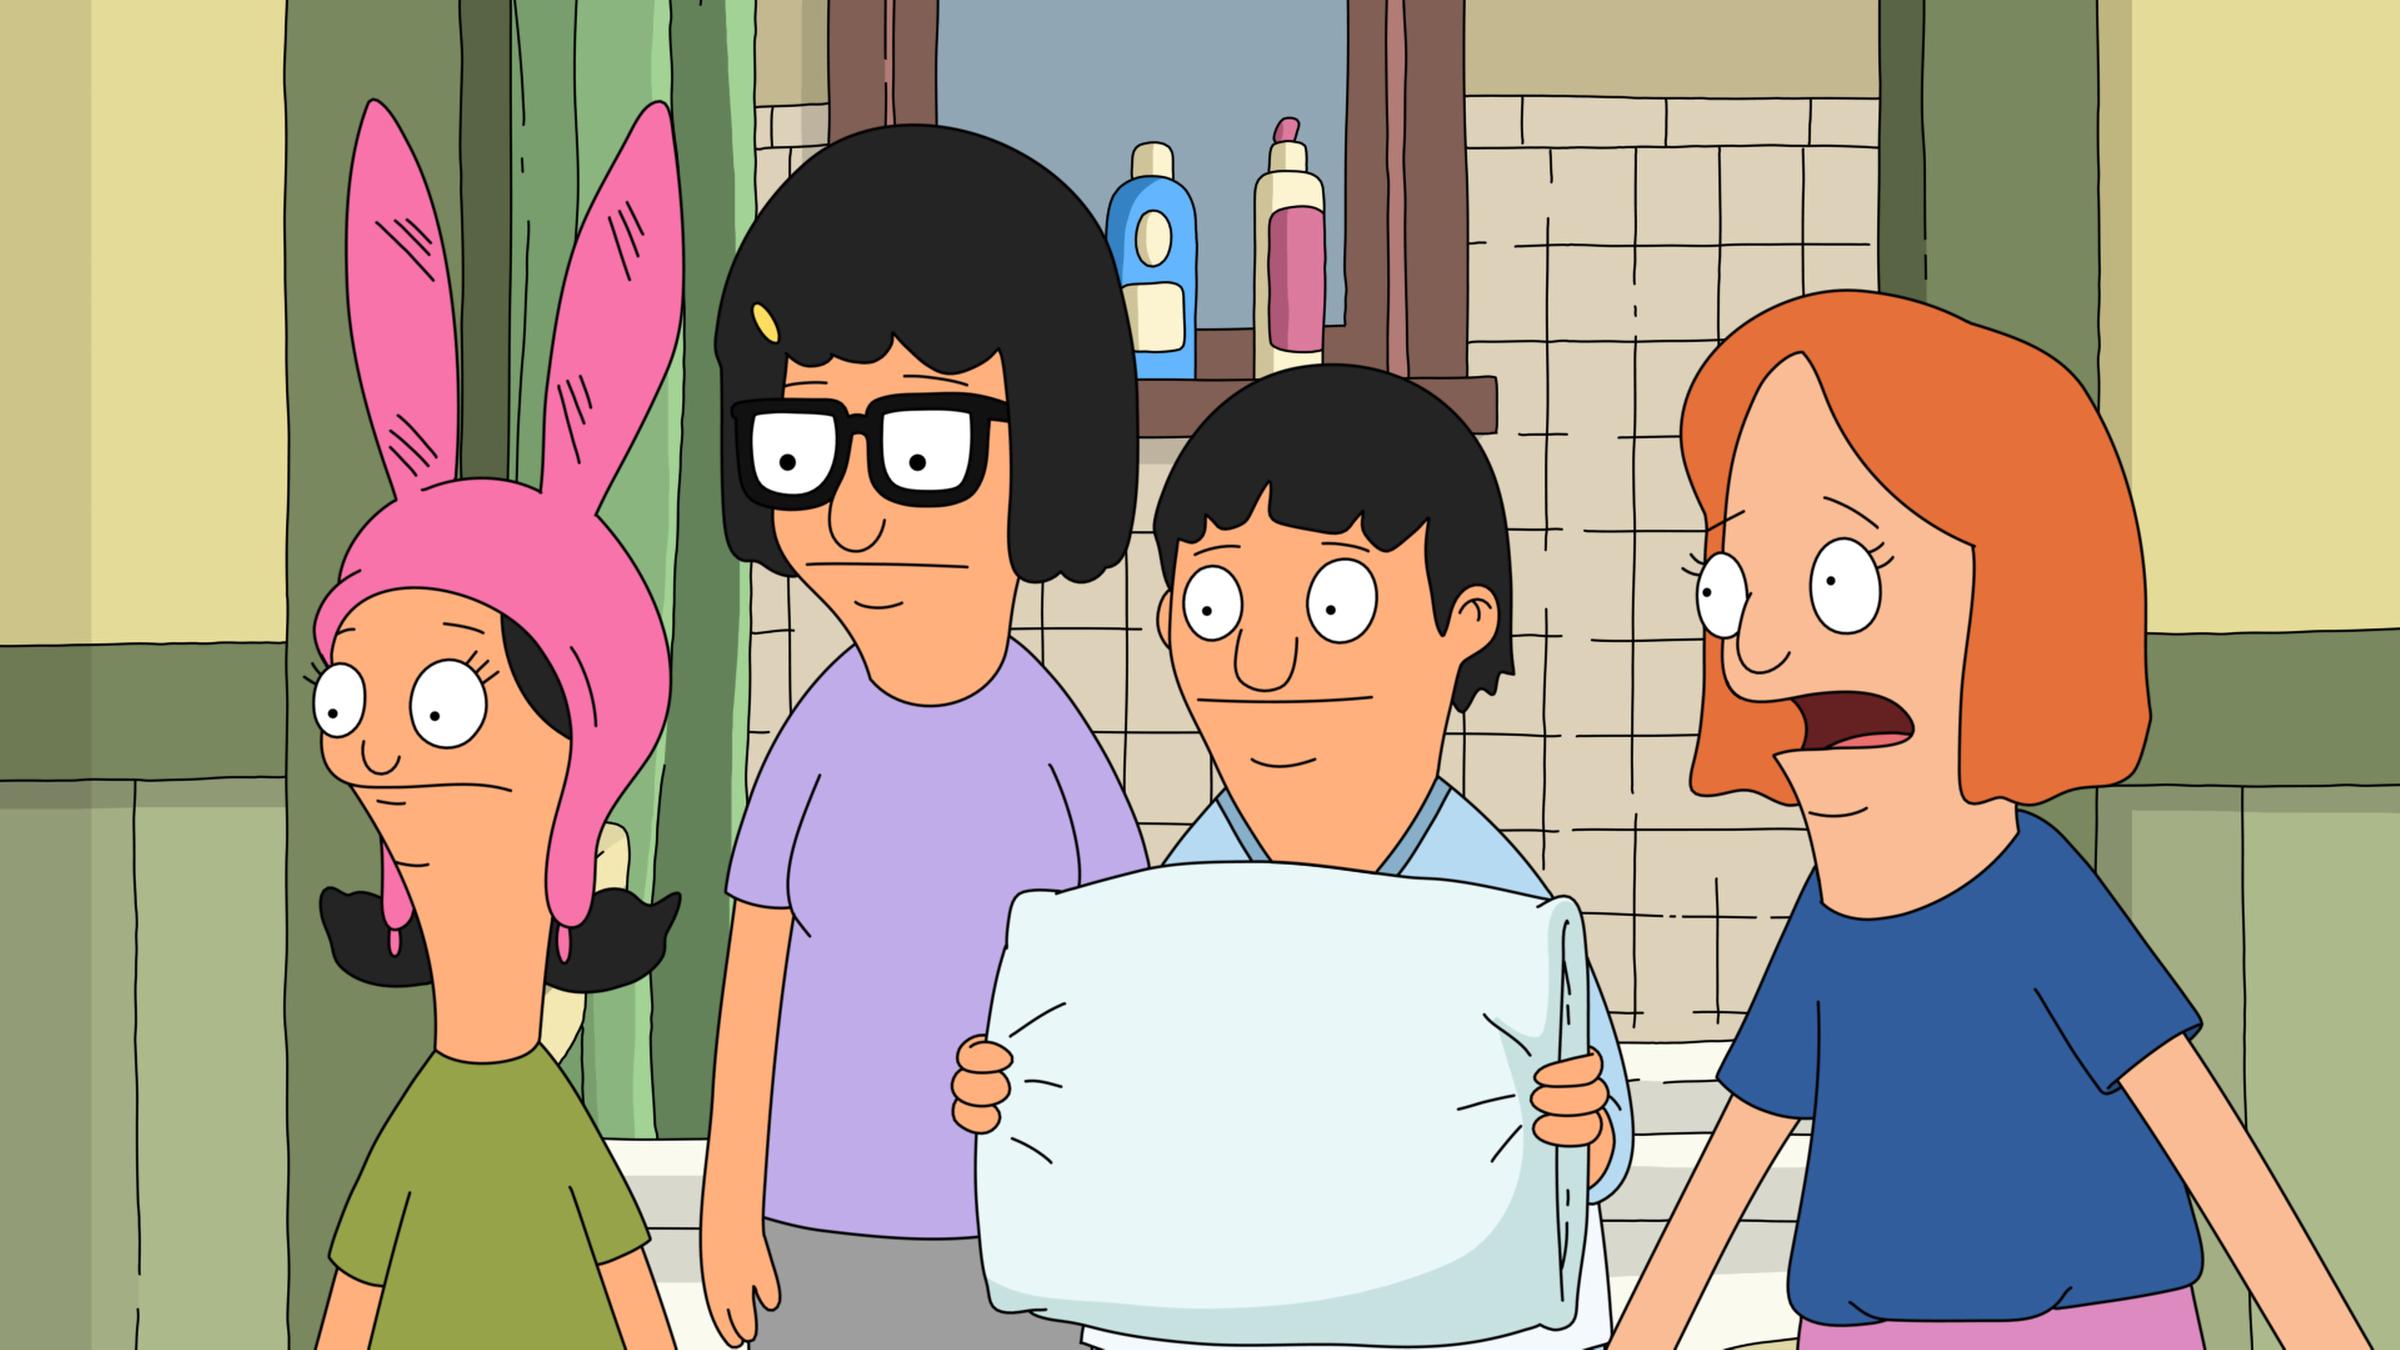 bobs burgers season 4 episode 9